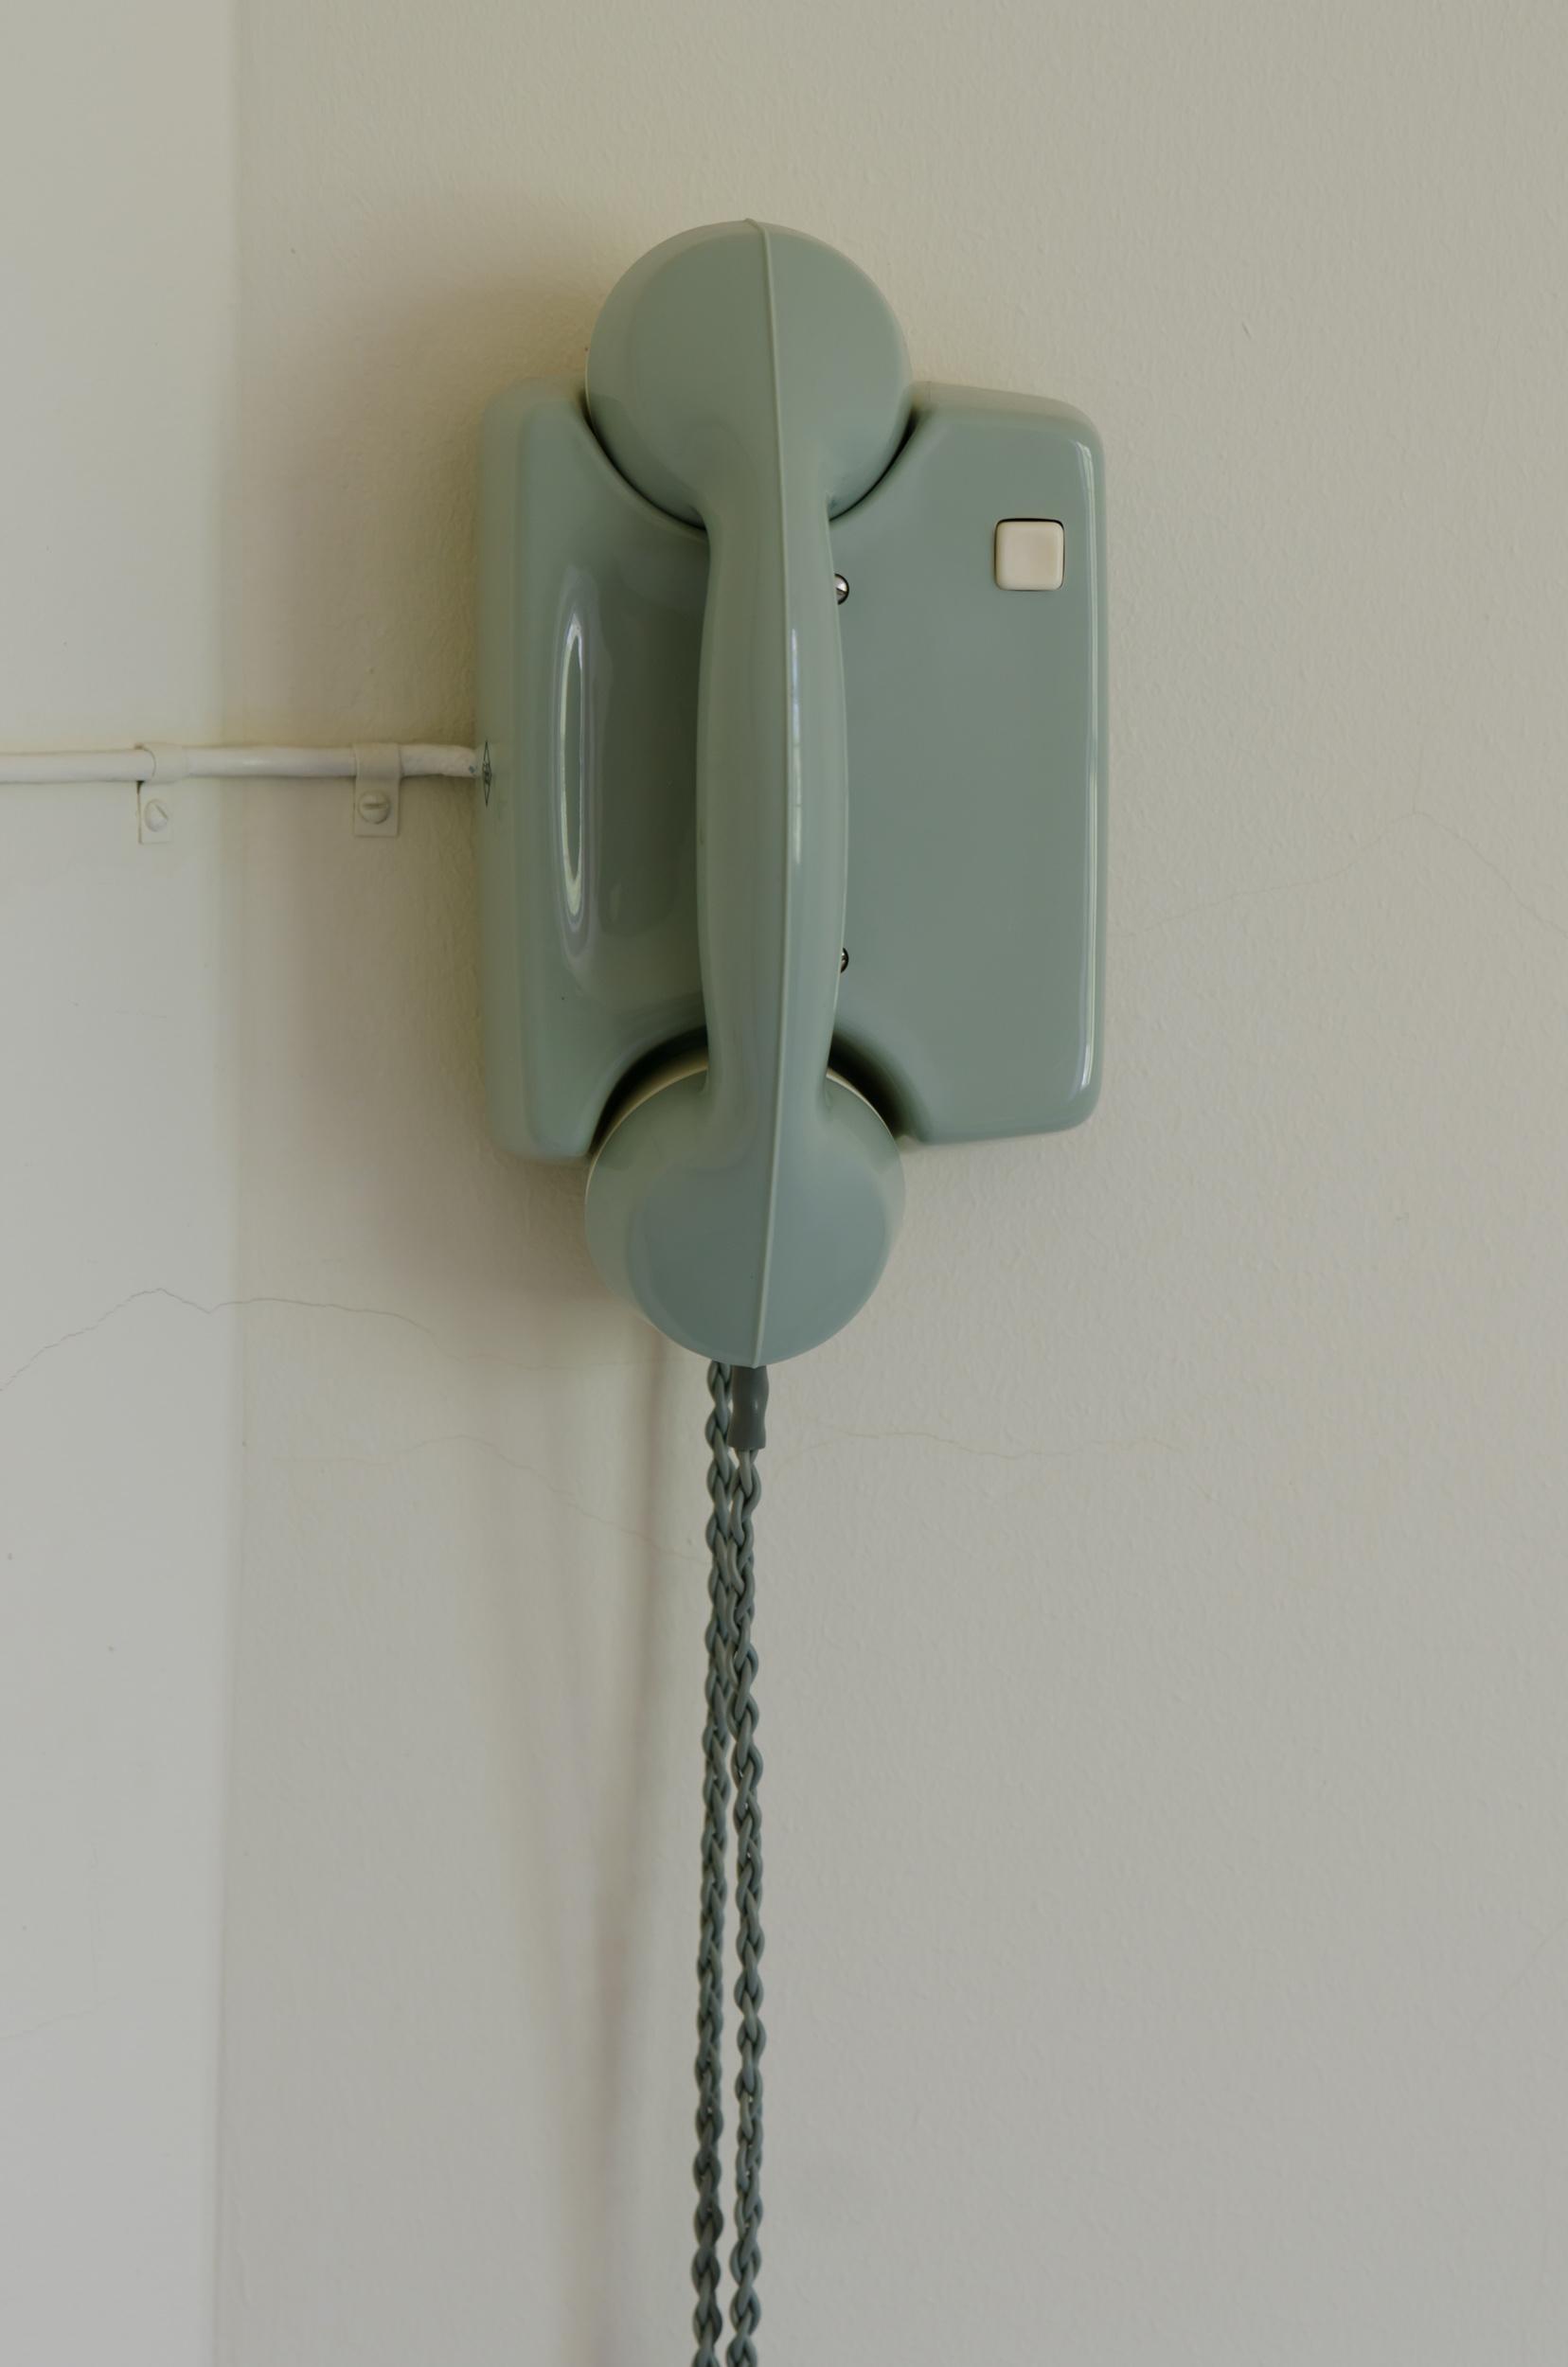 Sandträsk sanatorium. Telefon.